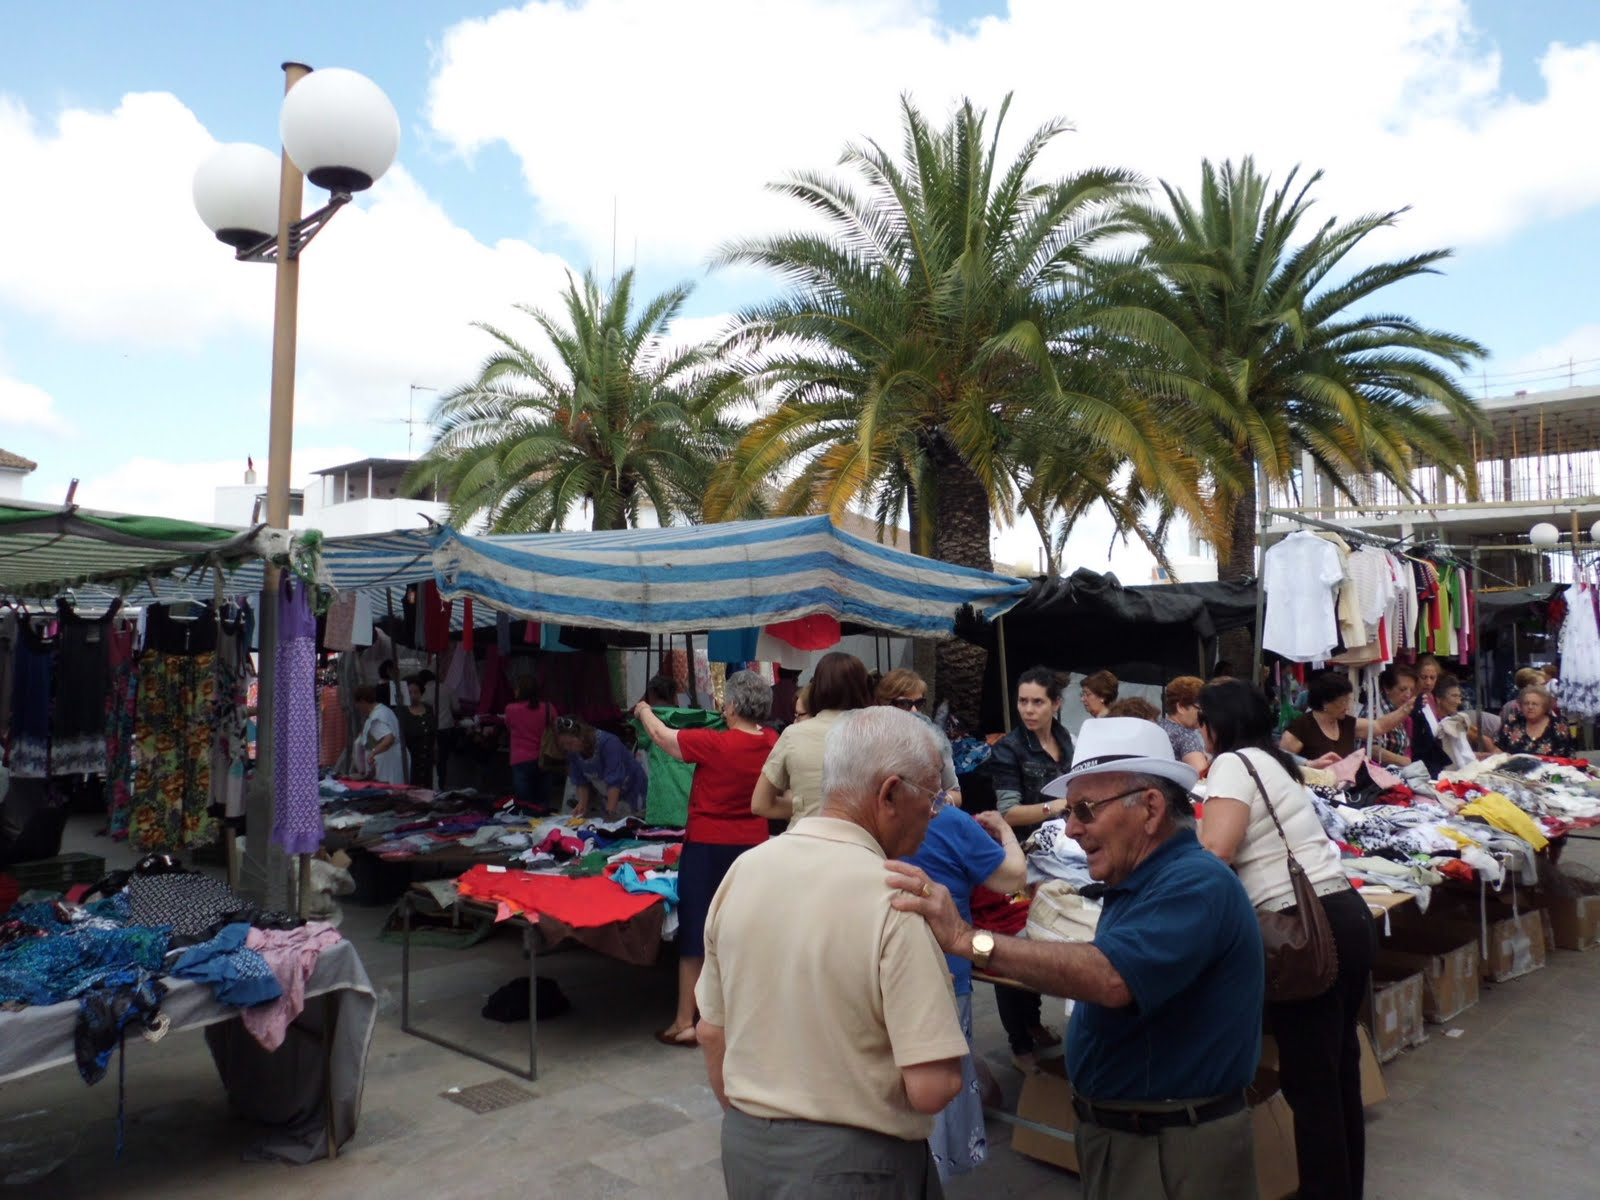 Fotografiando martes dia de mercado en nueva carteya - Tenderos de ropa ...